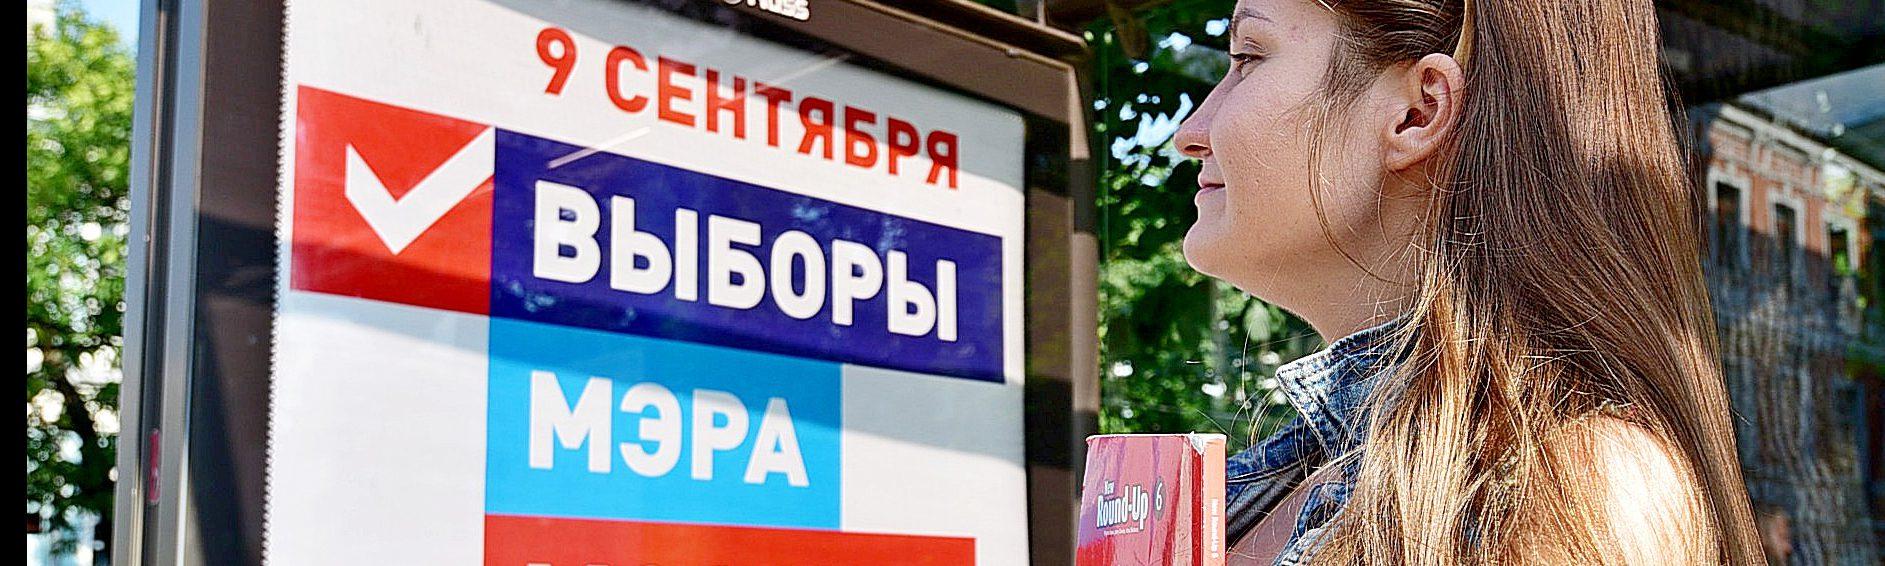 9 сентября 2018 года состоятся выборы мэра Москвы.